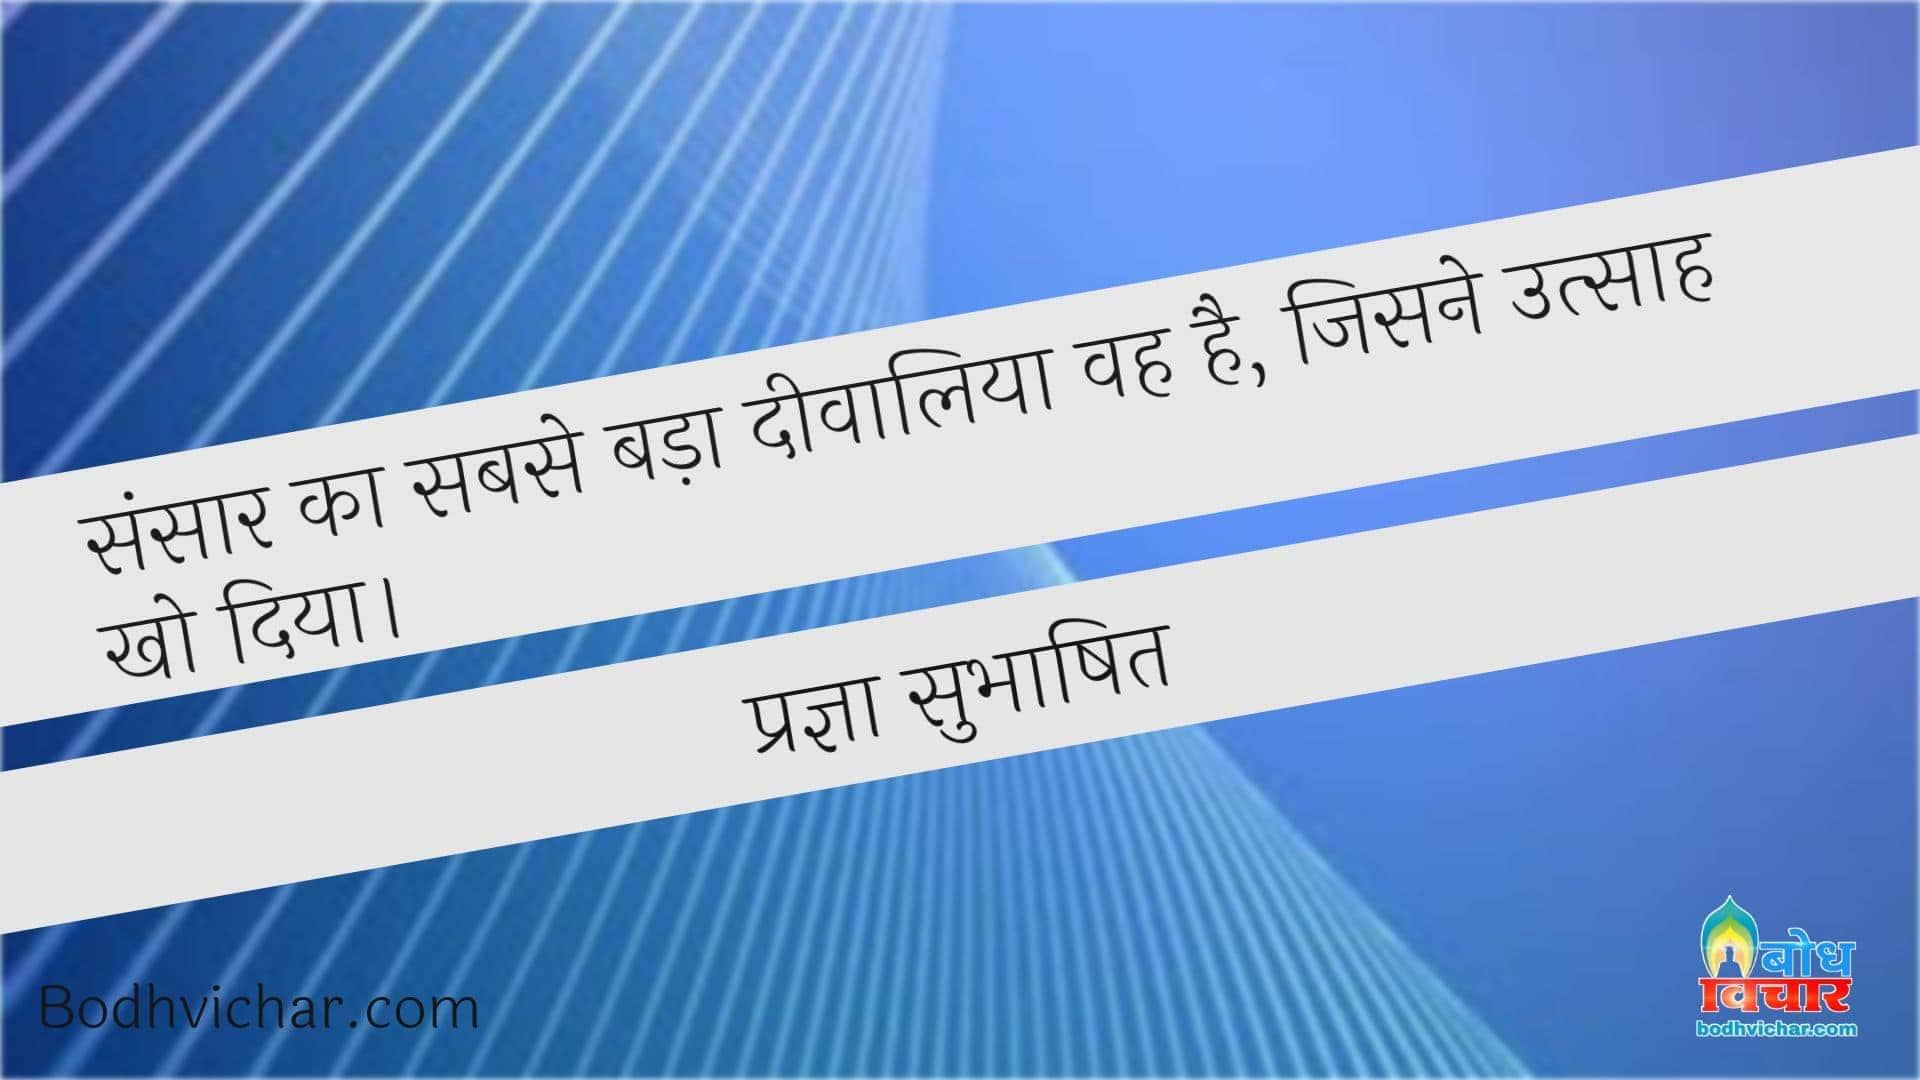 संसार का सबसे बड़ा दीवालिया वह है, जिसने उत्साह खो दिया। : Sansaar ka sabse bada diwaliya hai jisne utsaah kho diya ho - प्रज्ञा सुभाषित